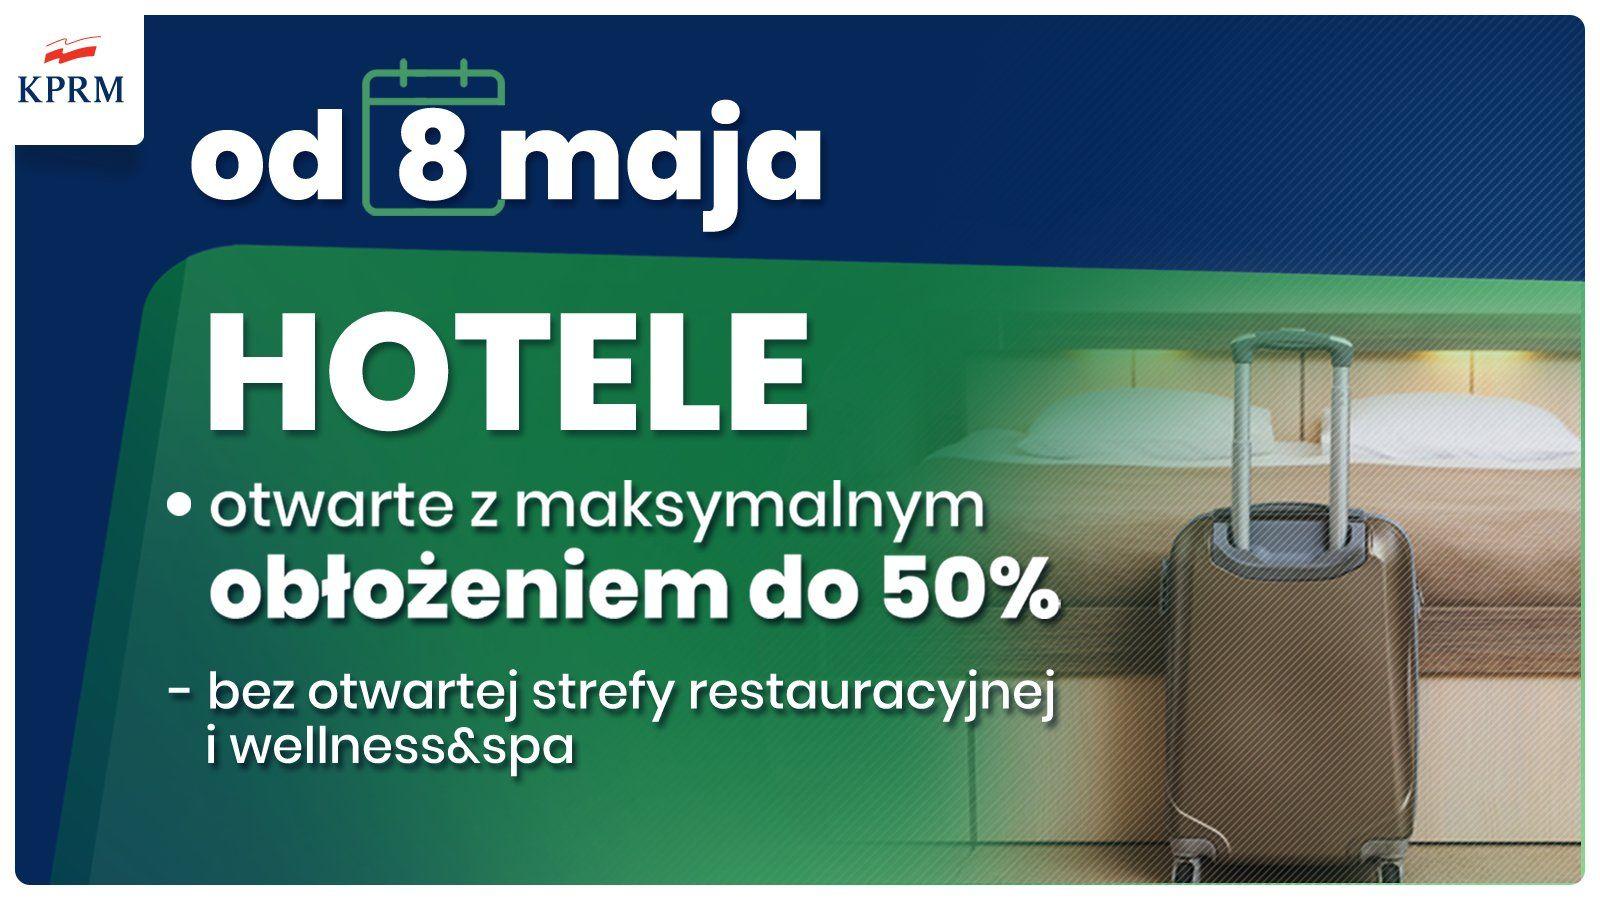 Otwarcie hoteli od maja 2021